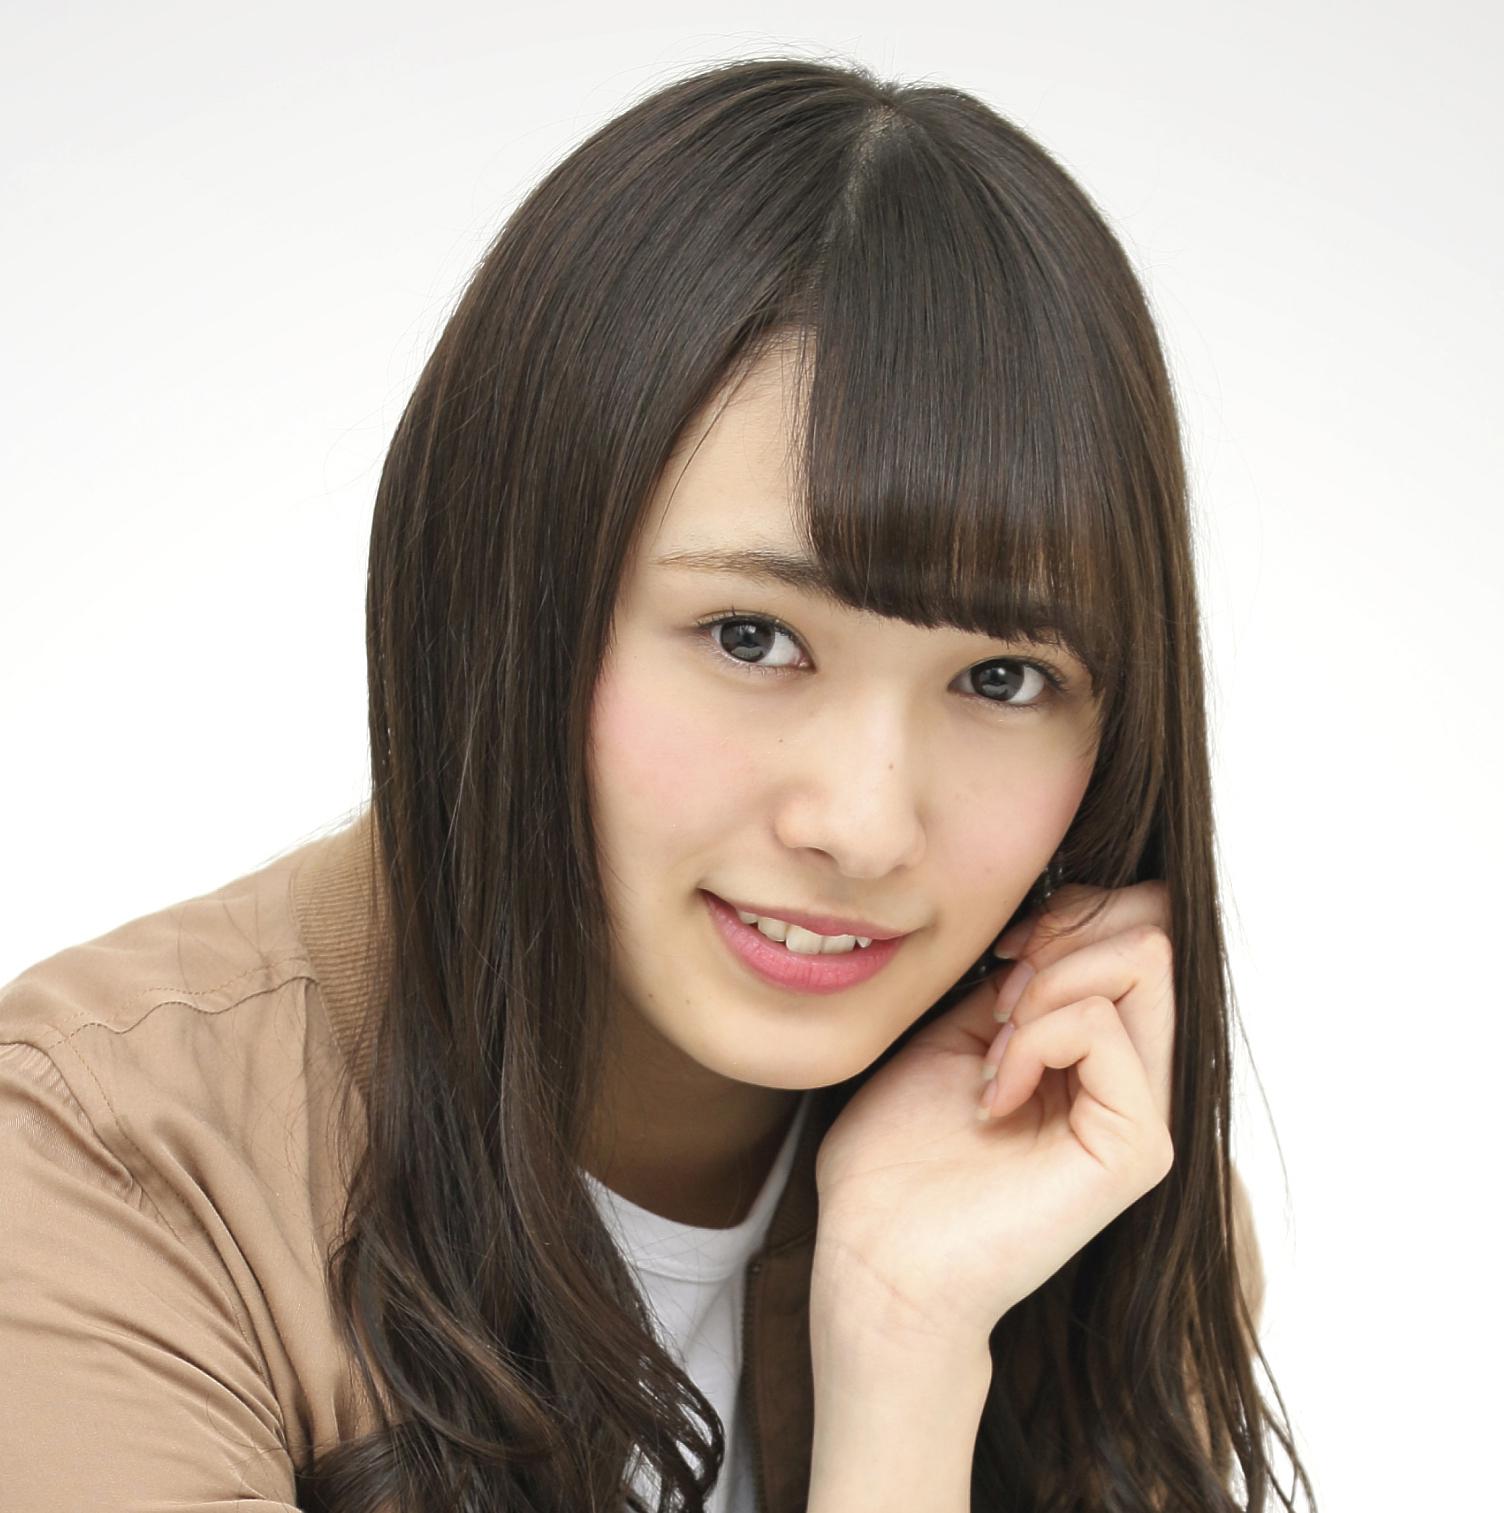 欅坂46メンバーが語る!「なんでもBEST3」<br />第21回 渡辺梨加さんの『最近密かにハマっていることBEST3』